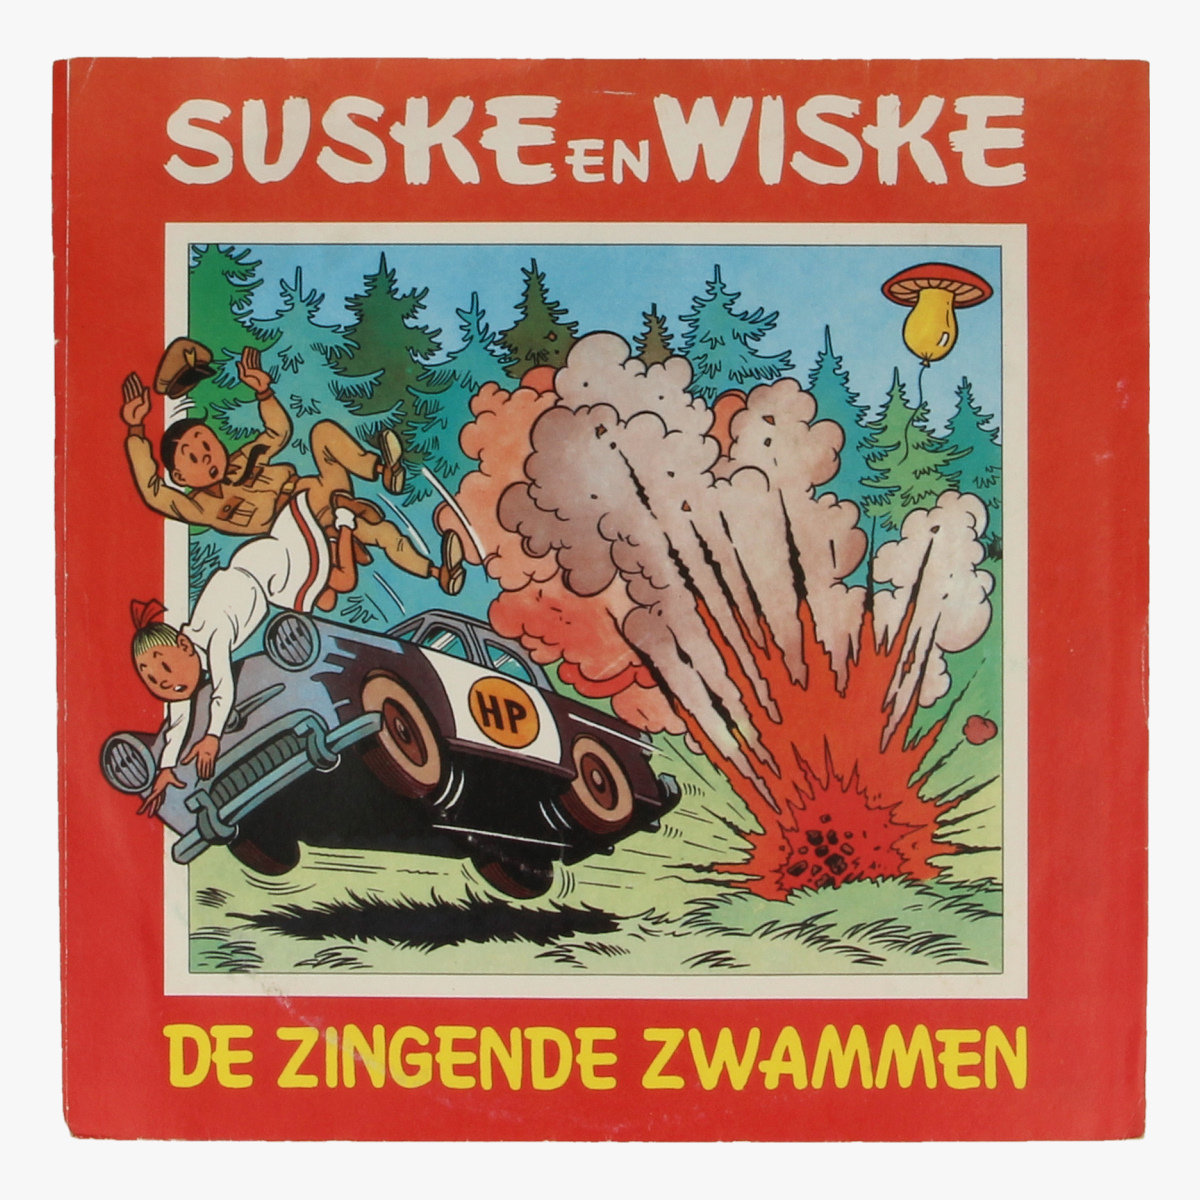 Afbeeldingen van Suske en Wiske De zingende zwammen 45 toeren LP